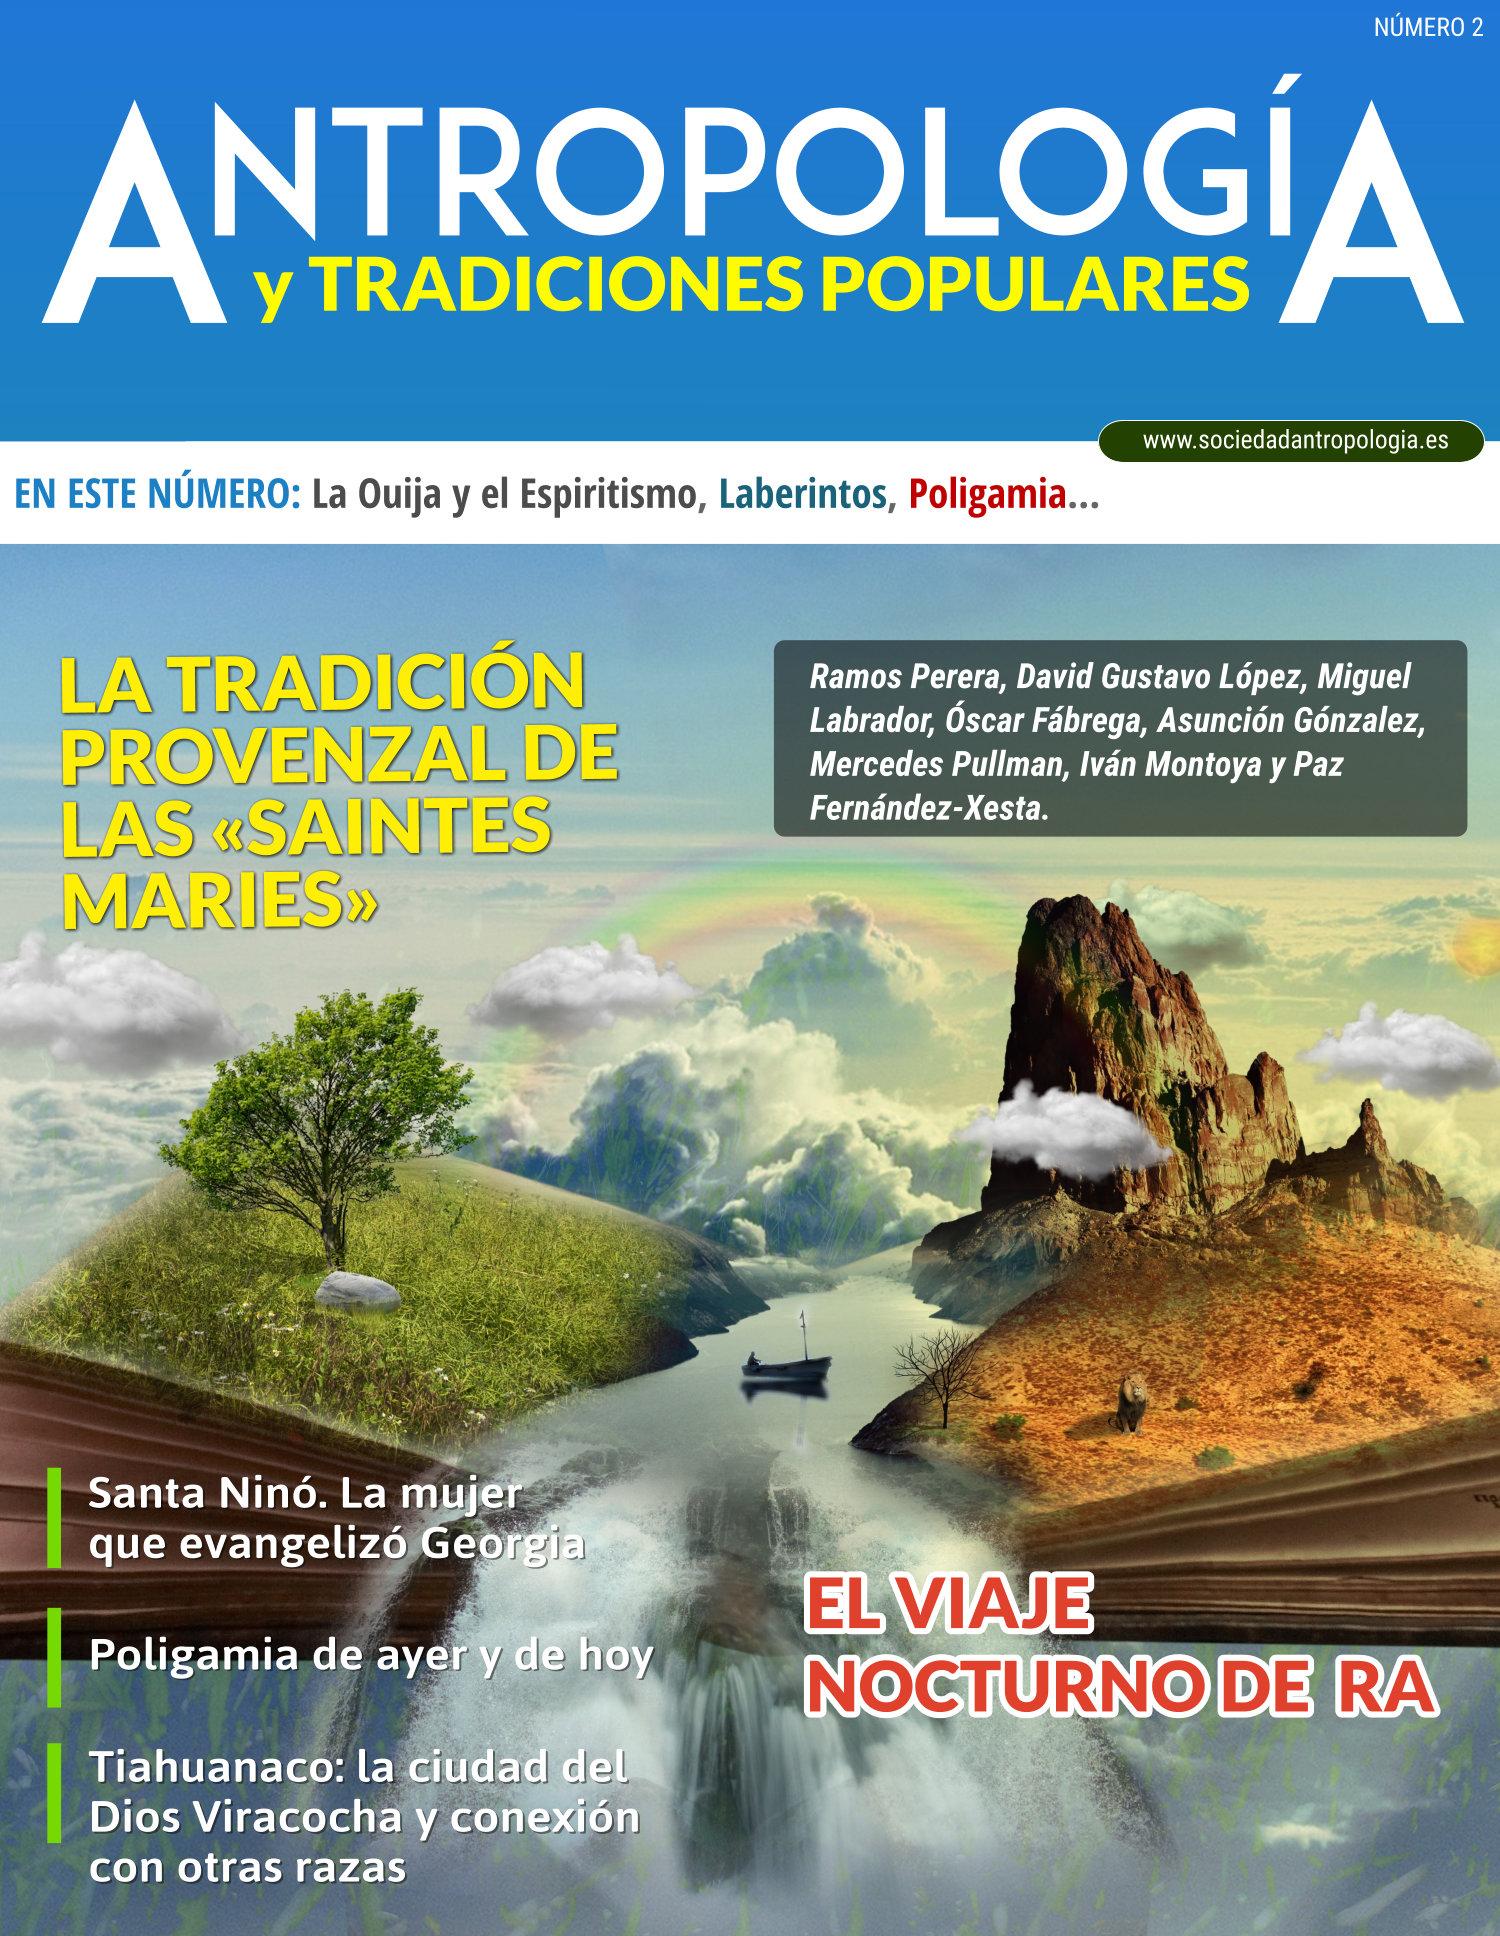 Revista oficial de la Sociedad de Antropología y Tradiciones Populares